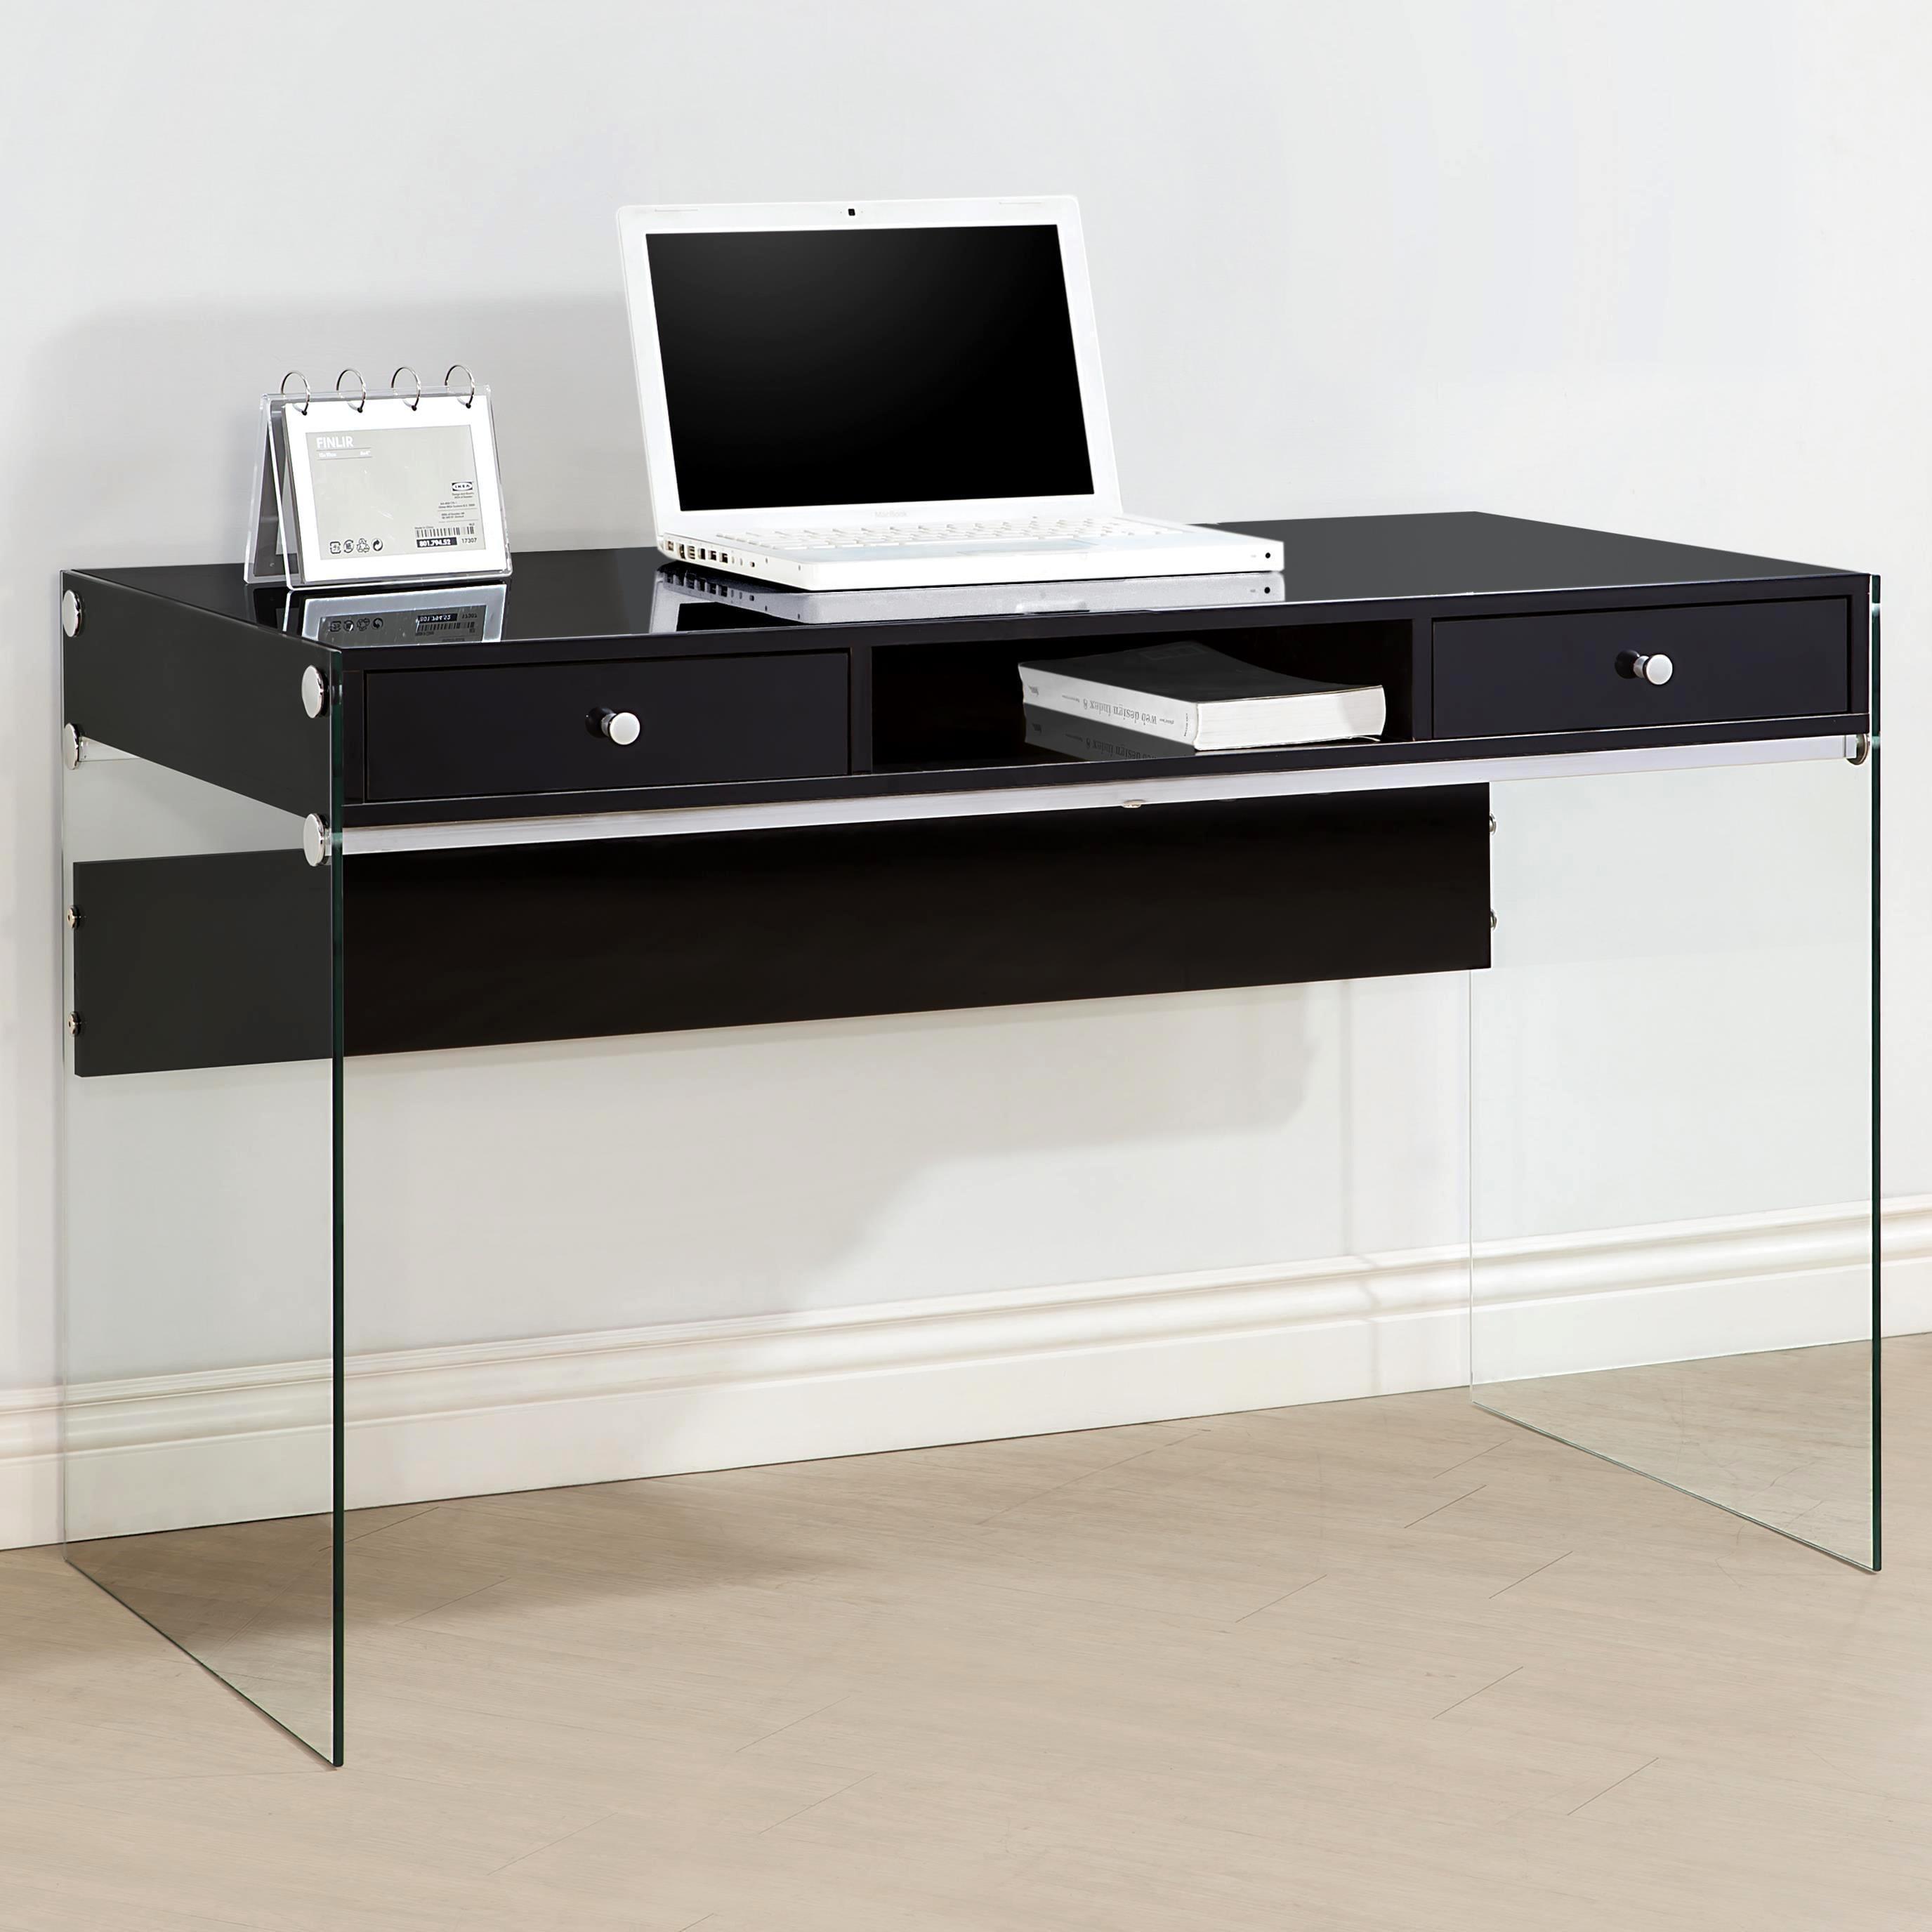 rentals show rental event furniture side desk products modern writing formdecor desks shelf trade